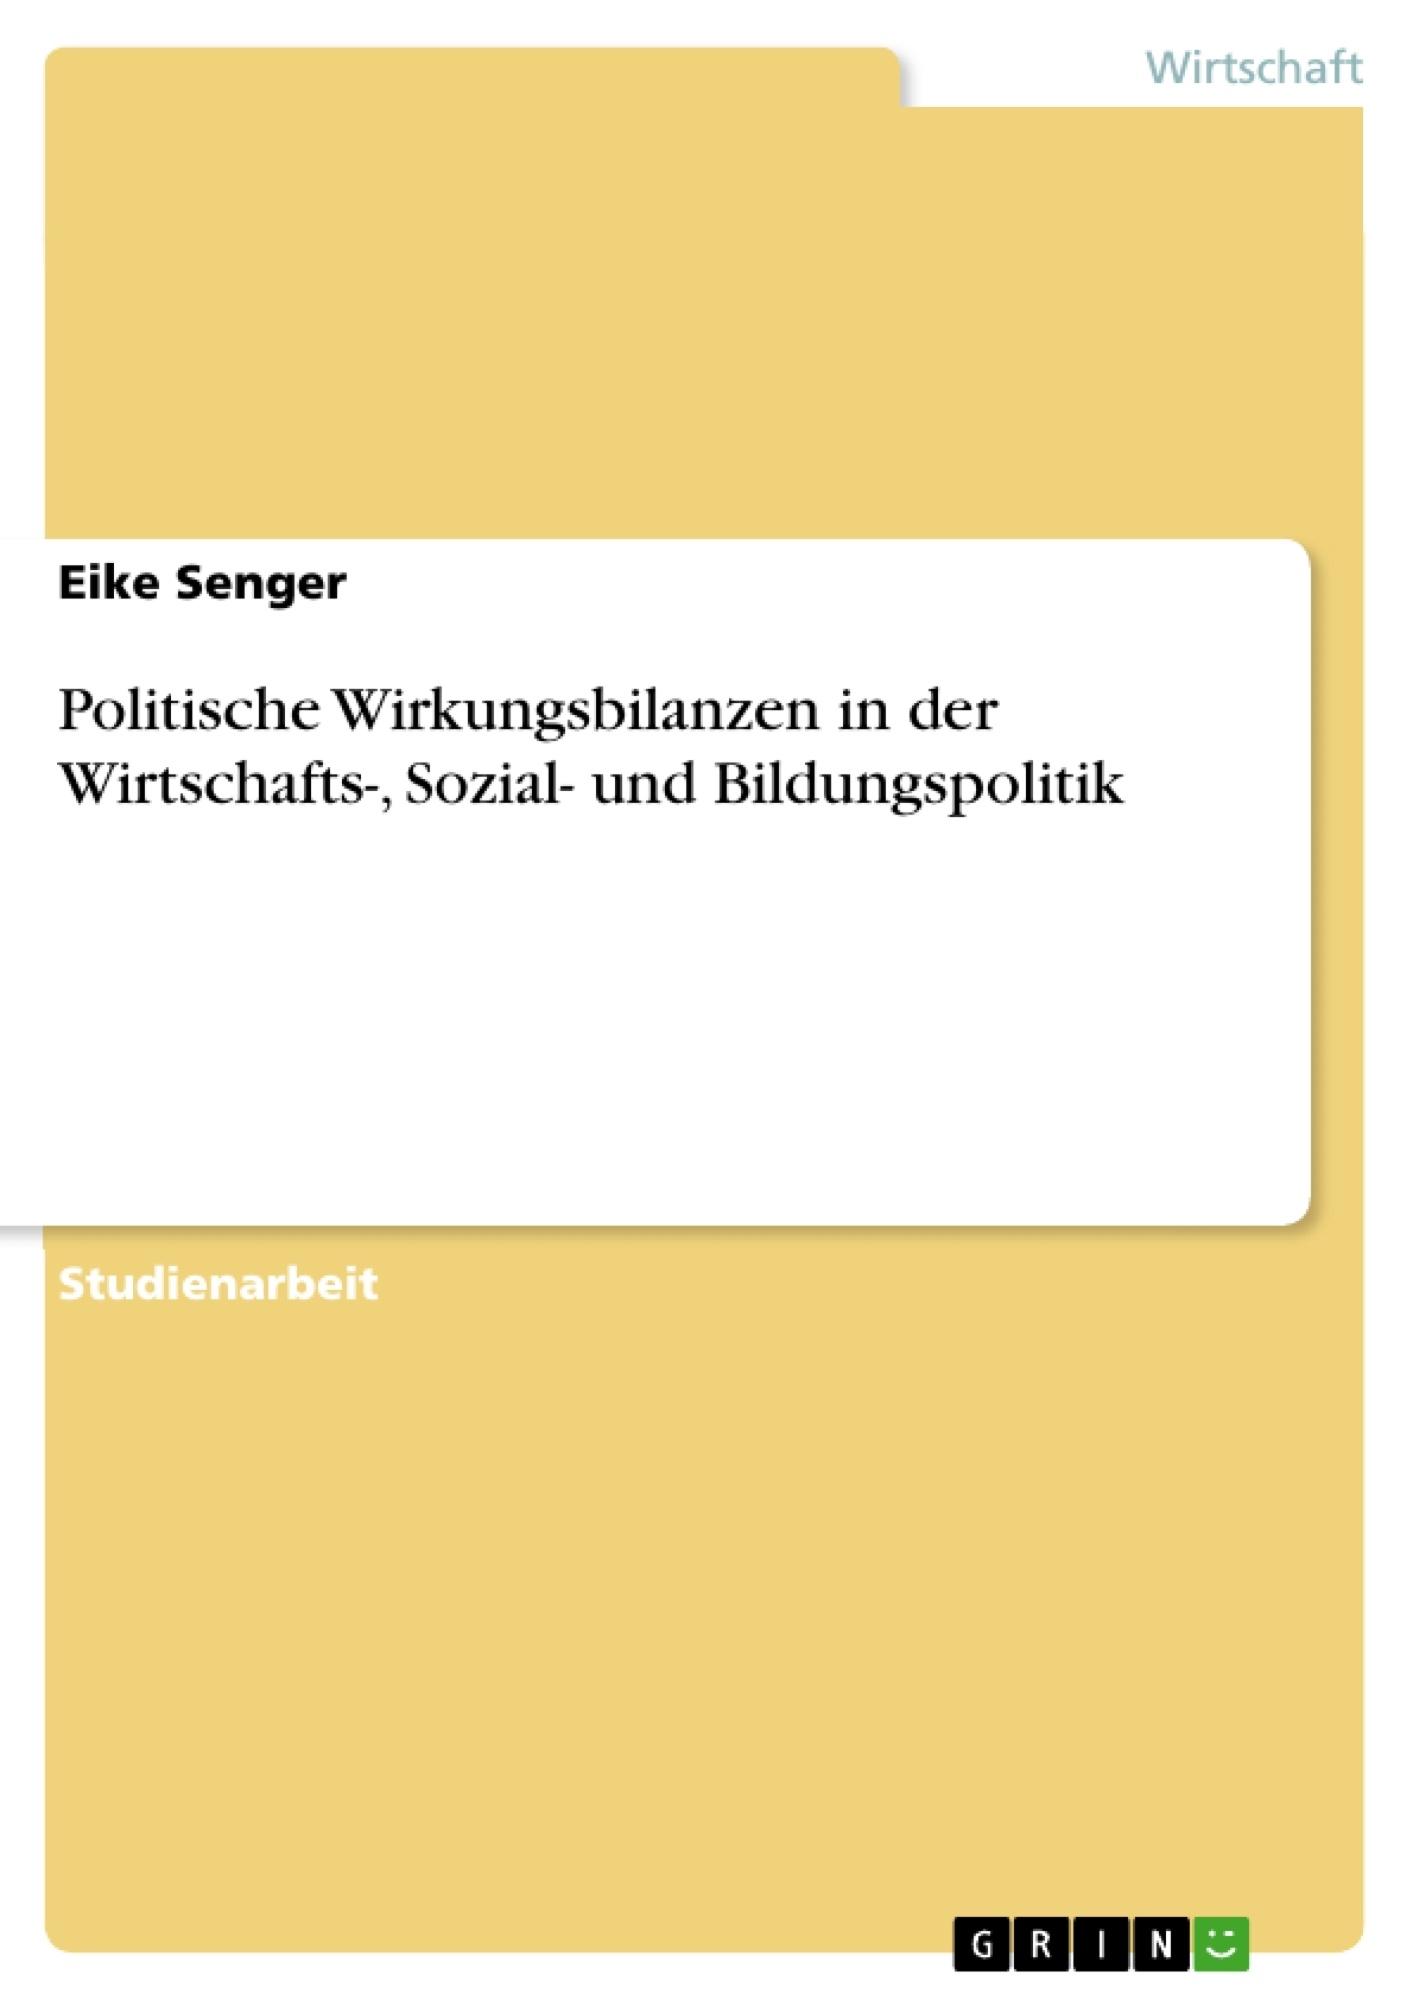 Titel: Politische Wirkungsbilanzen in der Wirtschafts-, Sozial- und Bildungspolitik